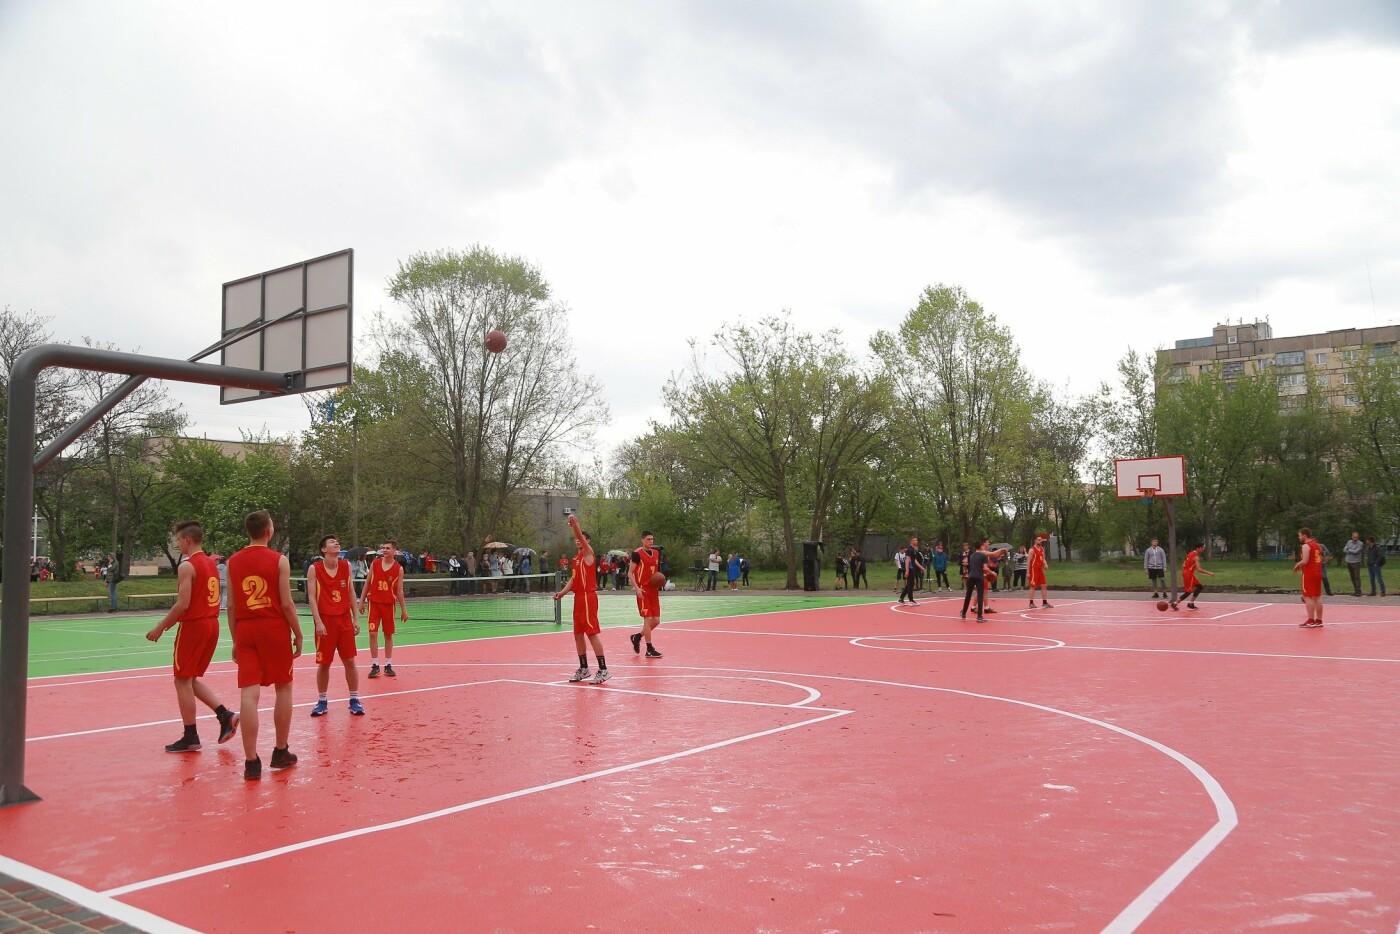 Доступный спорт для каждого: в Ингульце при поддержке Метинвеста установили мультифункциональную спортплощадку под открытым небом, фото-5